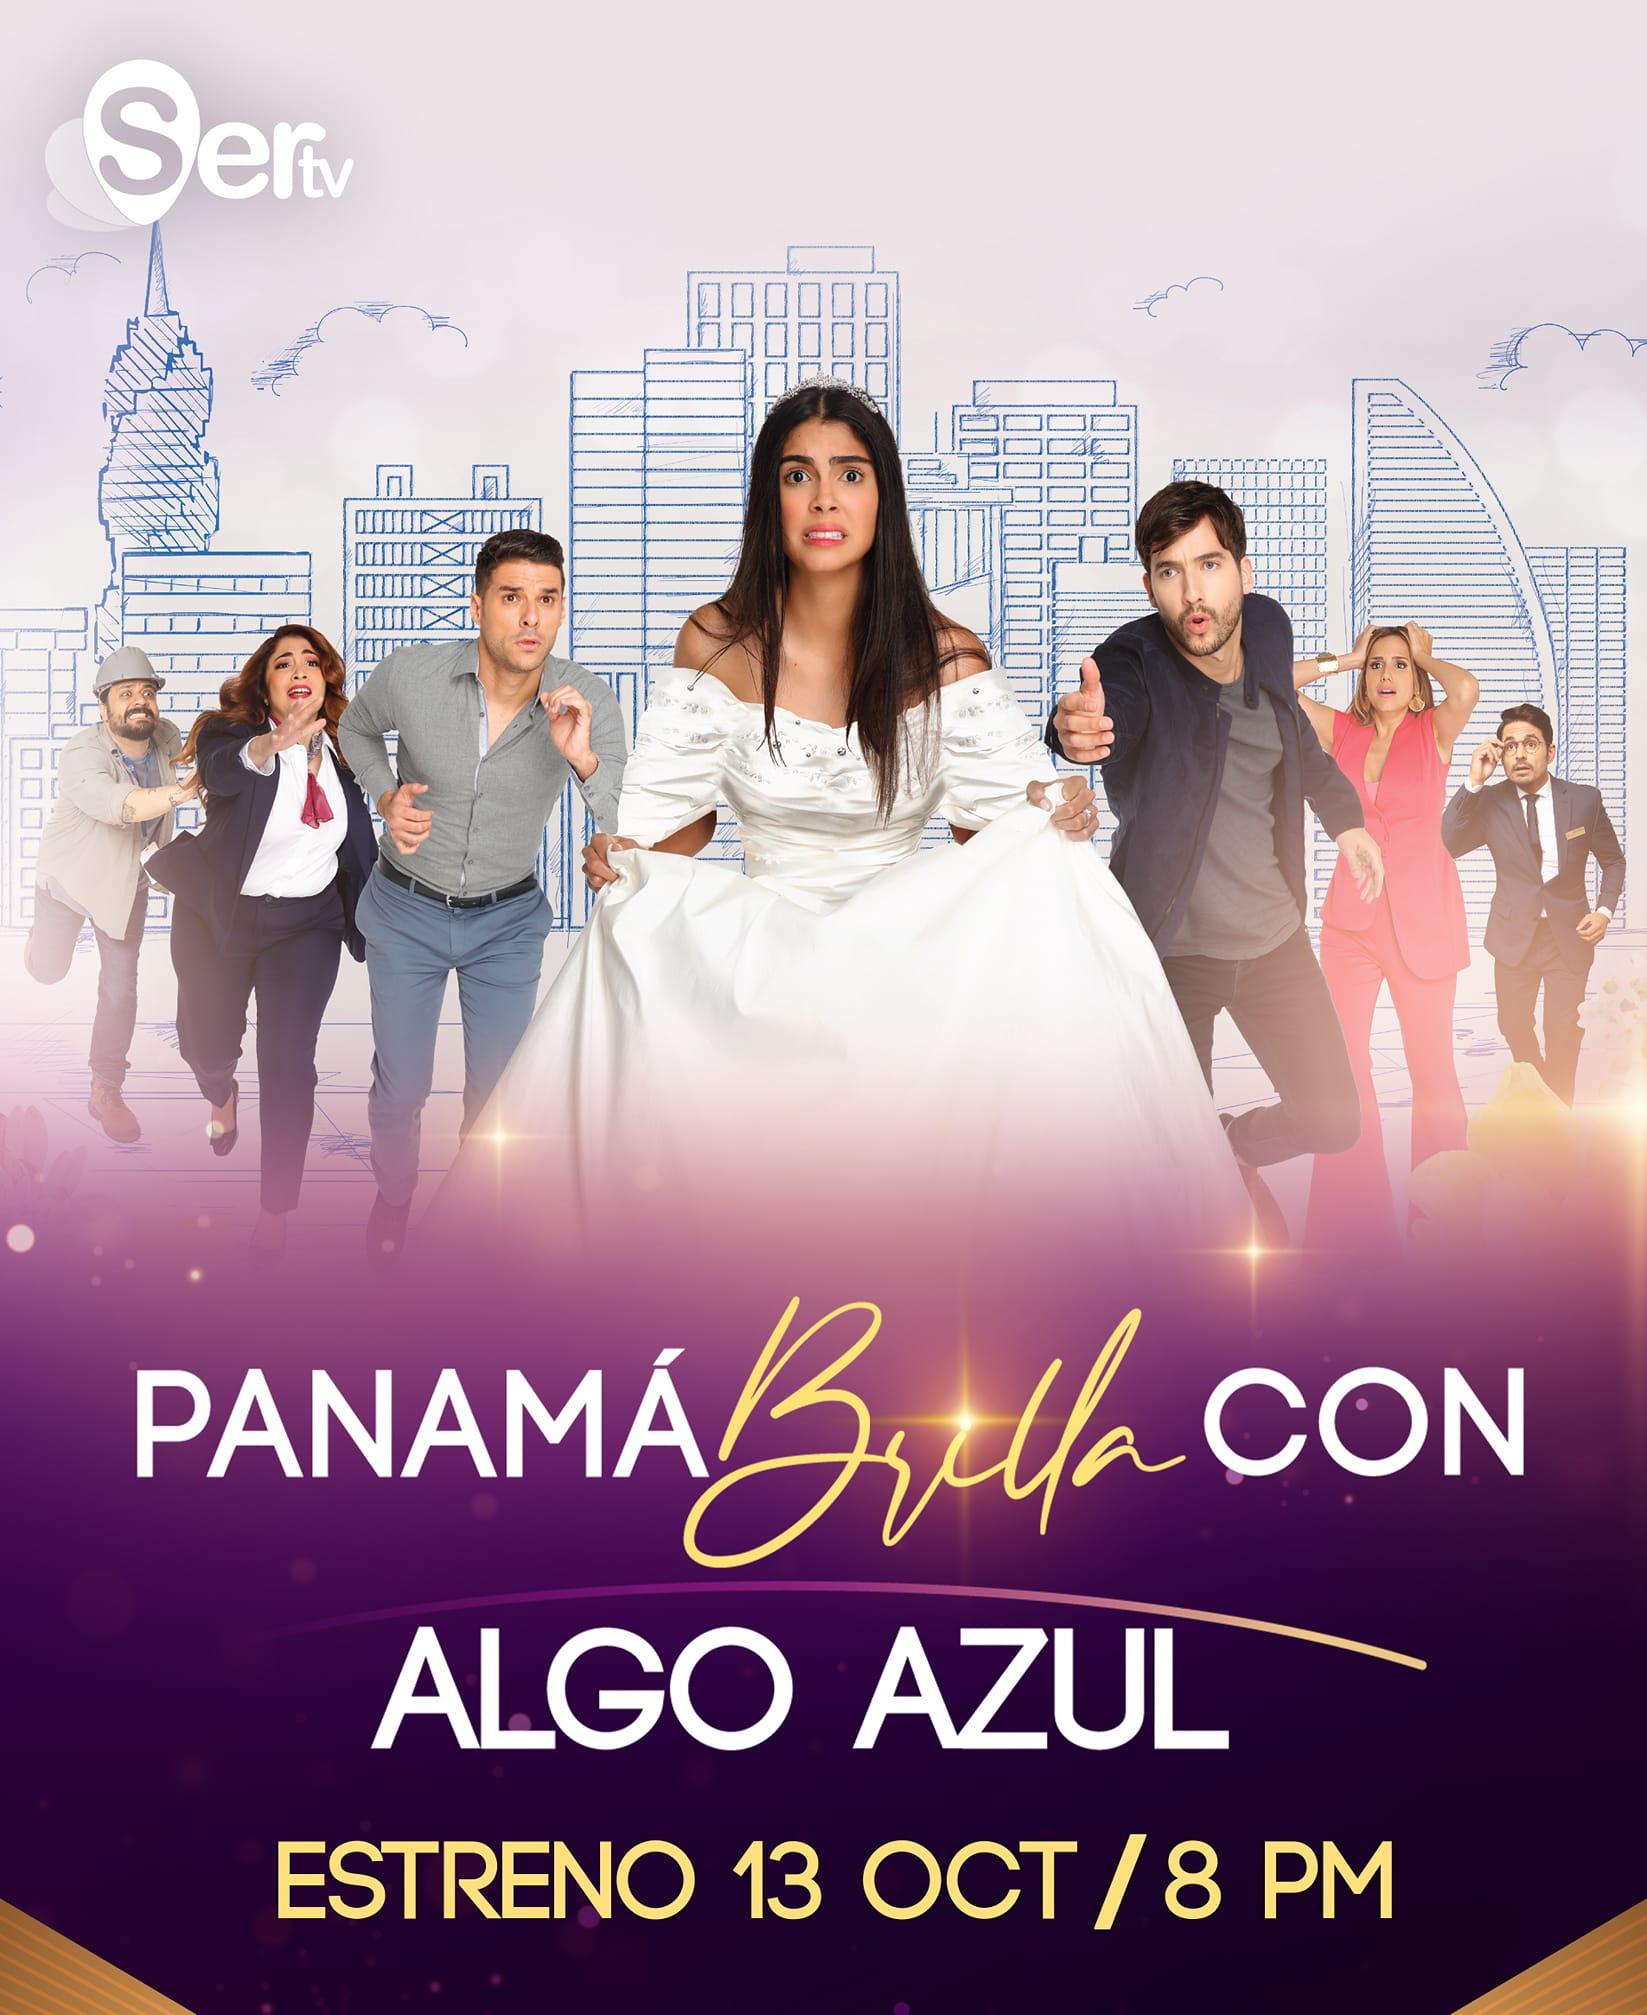 PANAMA BRILLA CON ALGO AZUL